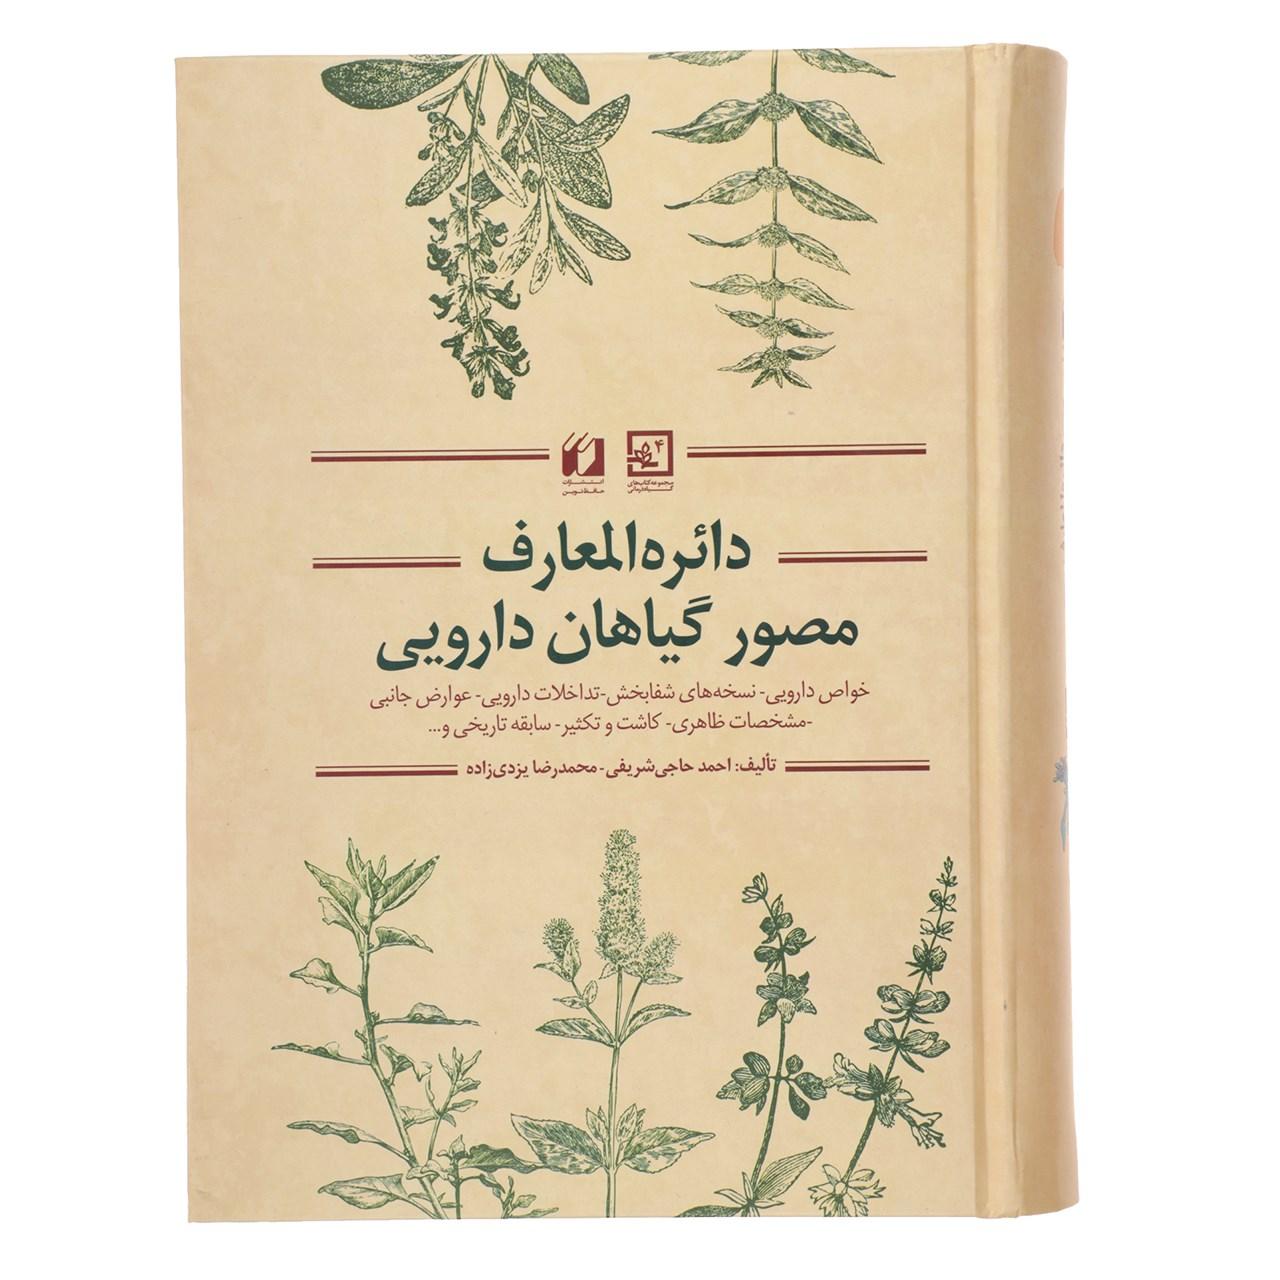 خرید                      کتاب دائره المعارف مصور گیاهان دارویی اثر احمدحاجی شریفی